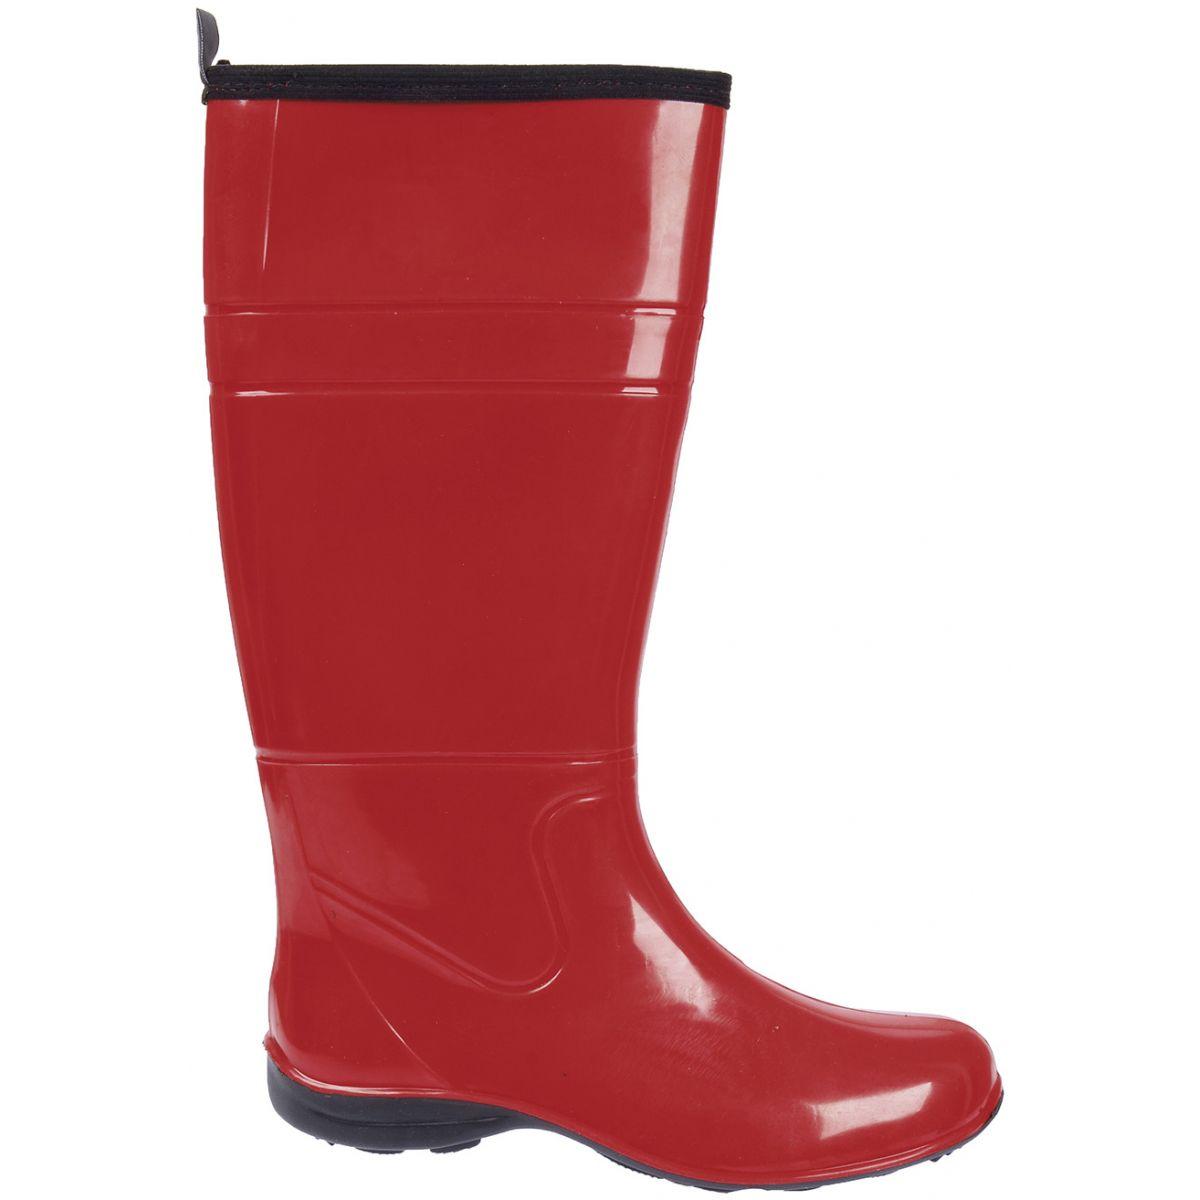 Galocha Alpat Fashion Vermelho  - Casafaz